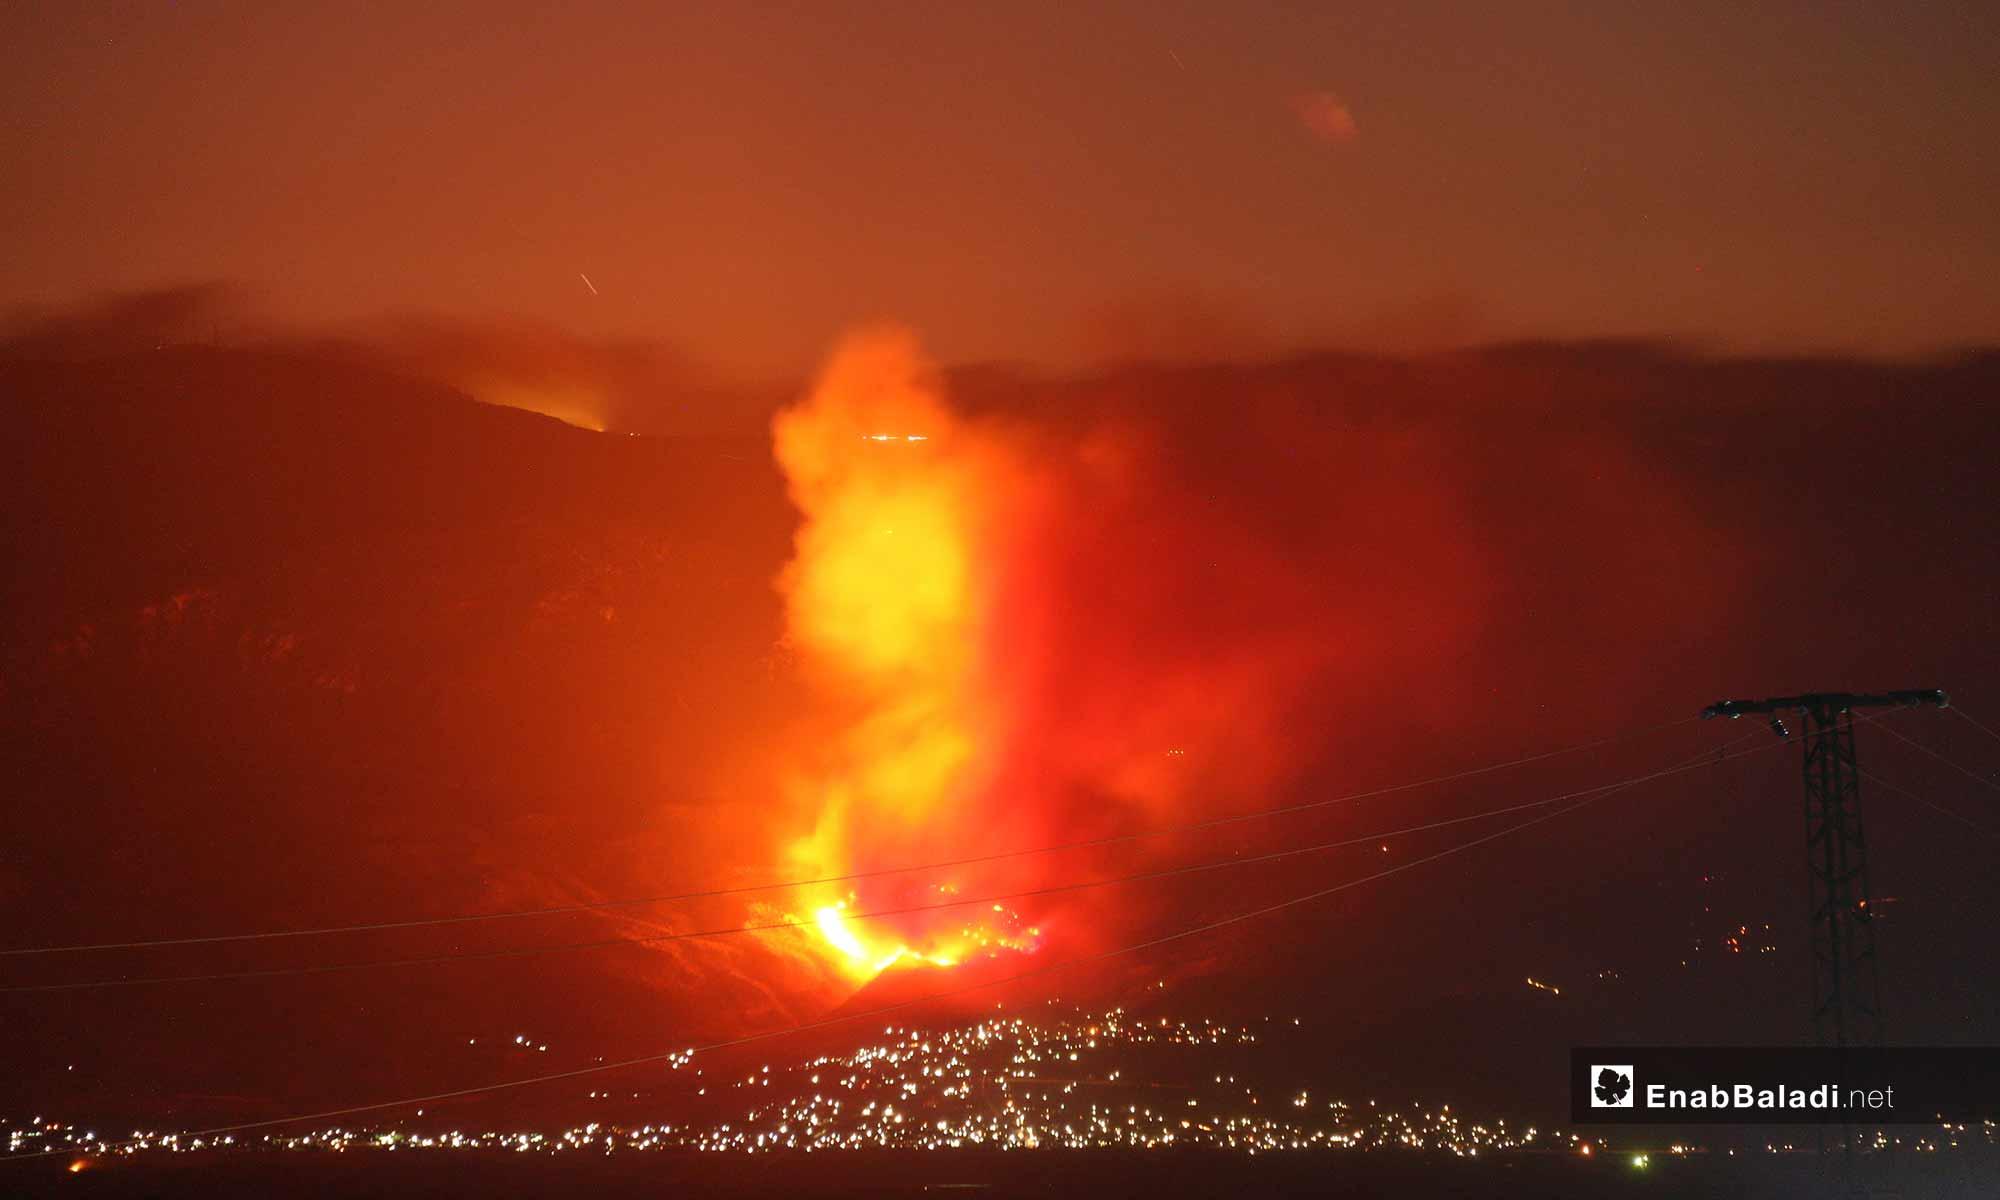 صورة ملتقطة من قرية كفر عويد تظهر حريق في معسكر جورين بسهل الغاب غربي حماة إثر قصف لفصائل المعارضة - 5 أيلول 2018 (عنب بلدي)